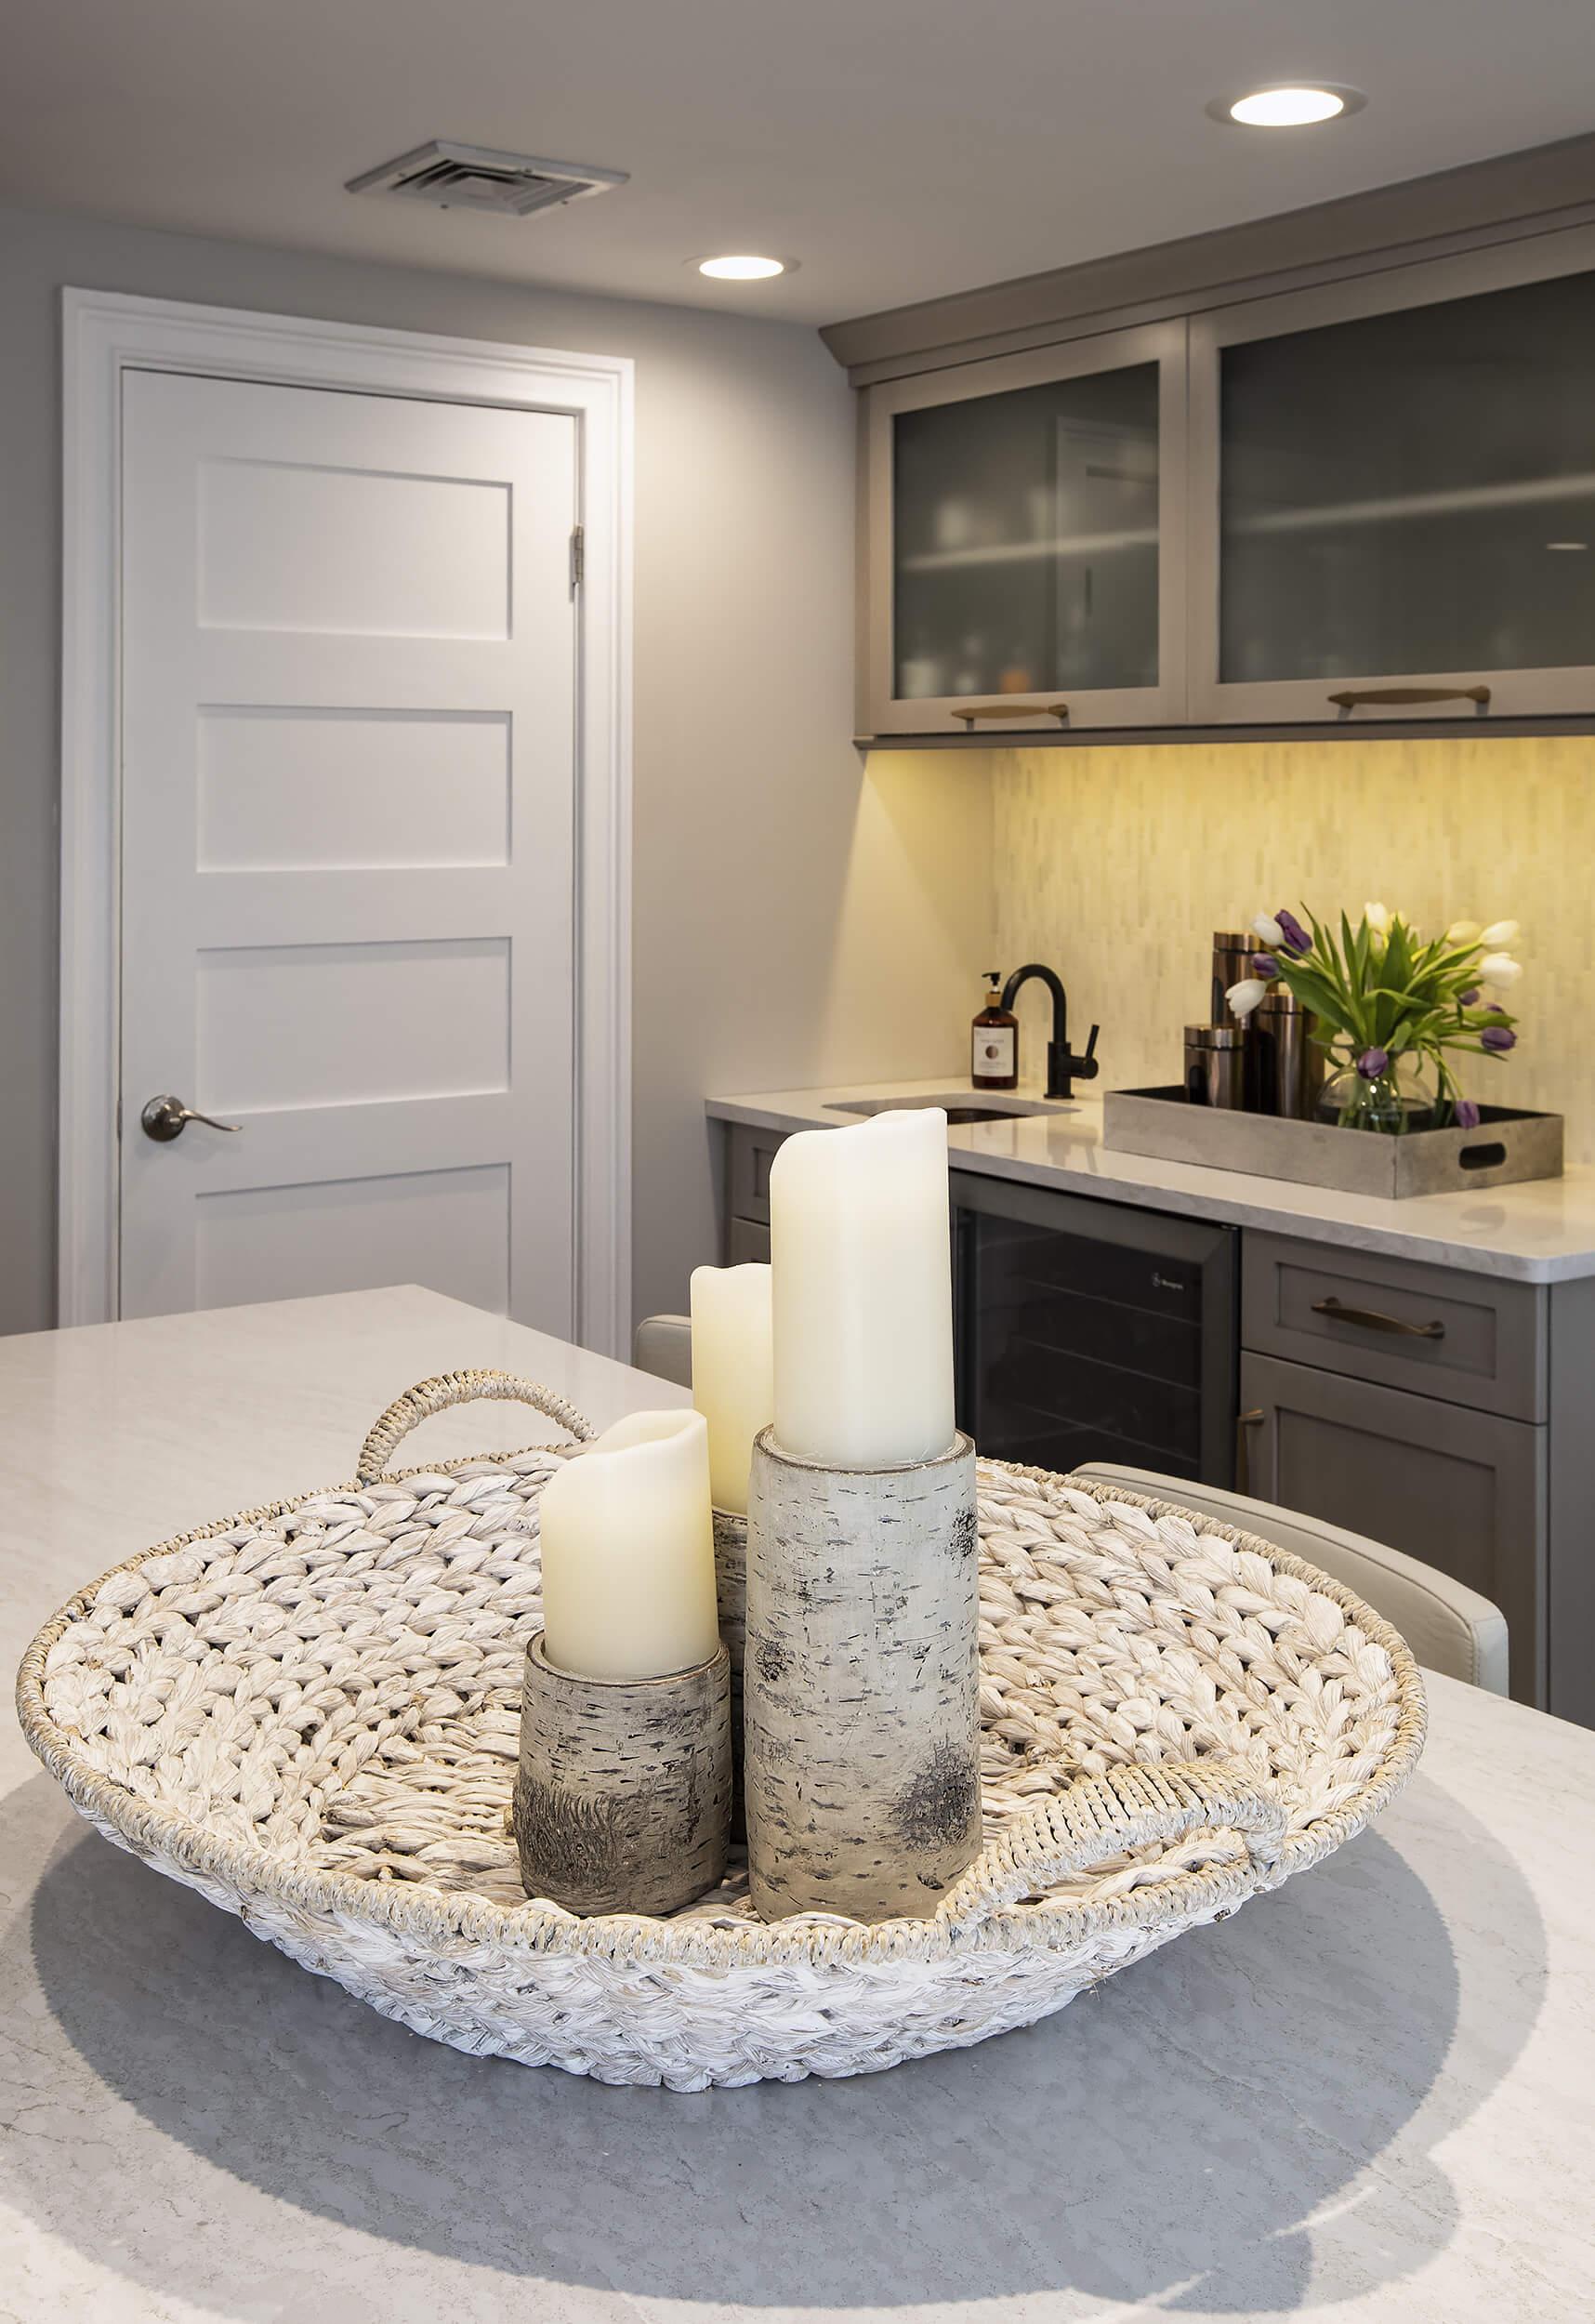 Hamden Kitchen - Counter Detail | Viking Kitchen Cabinets